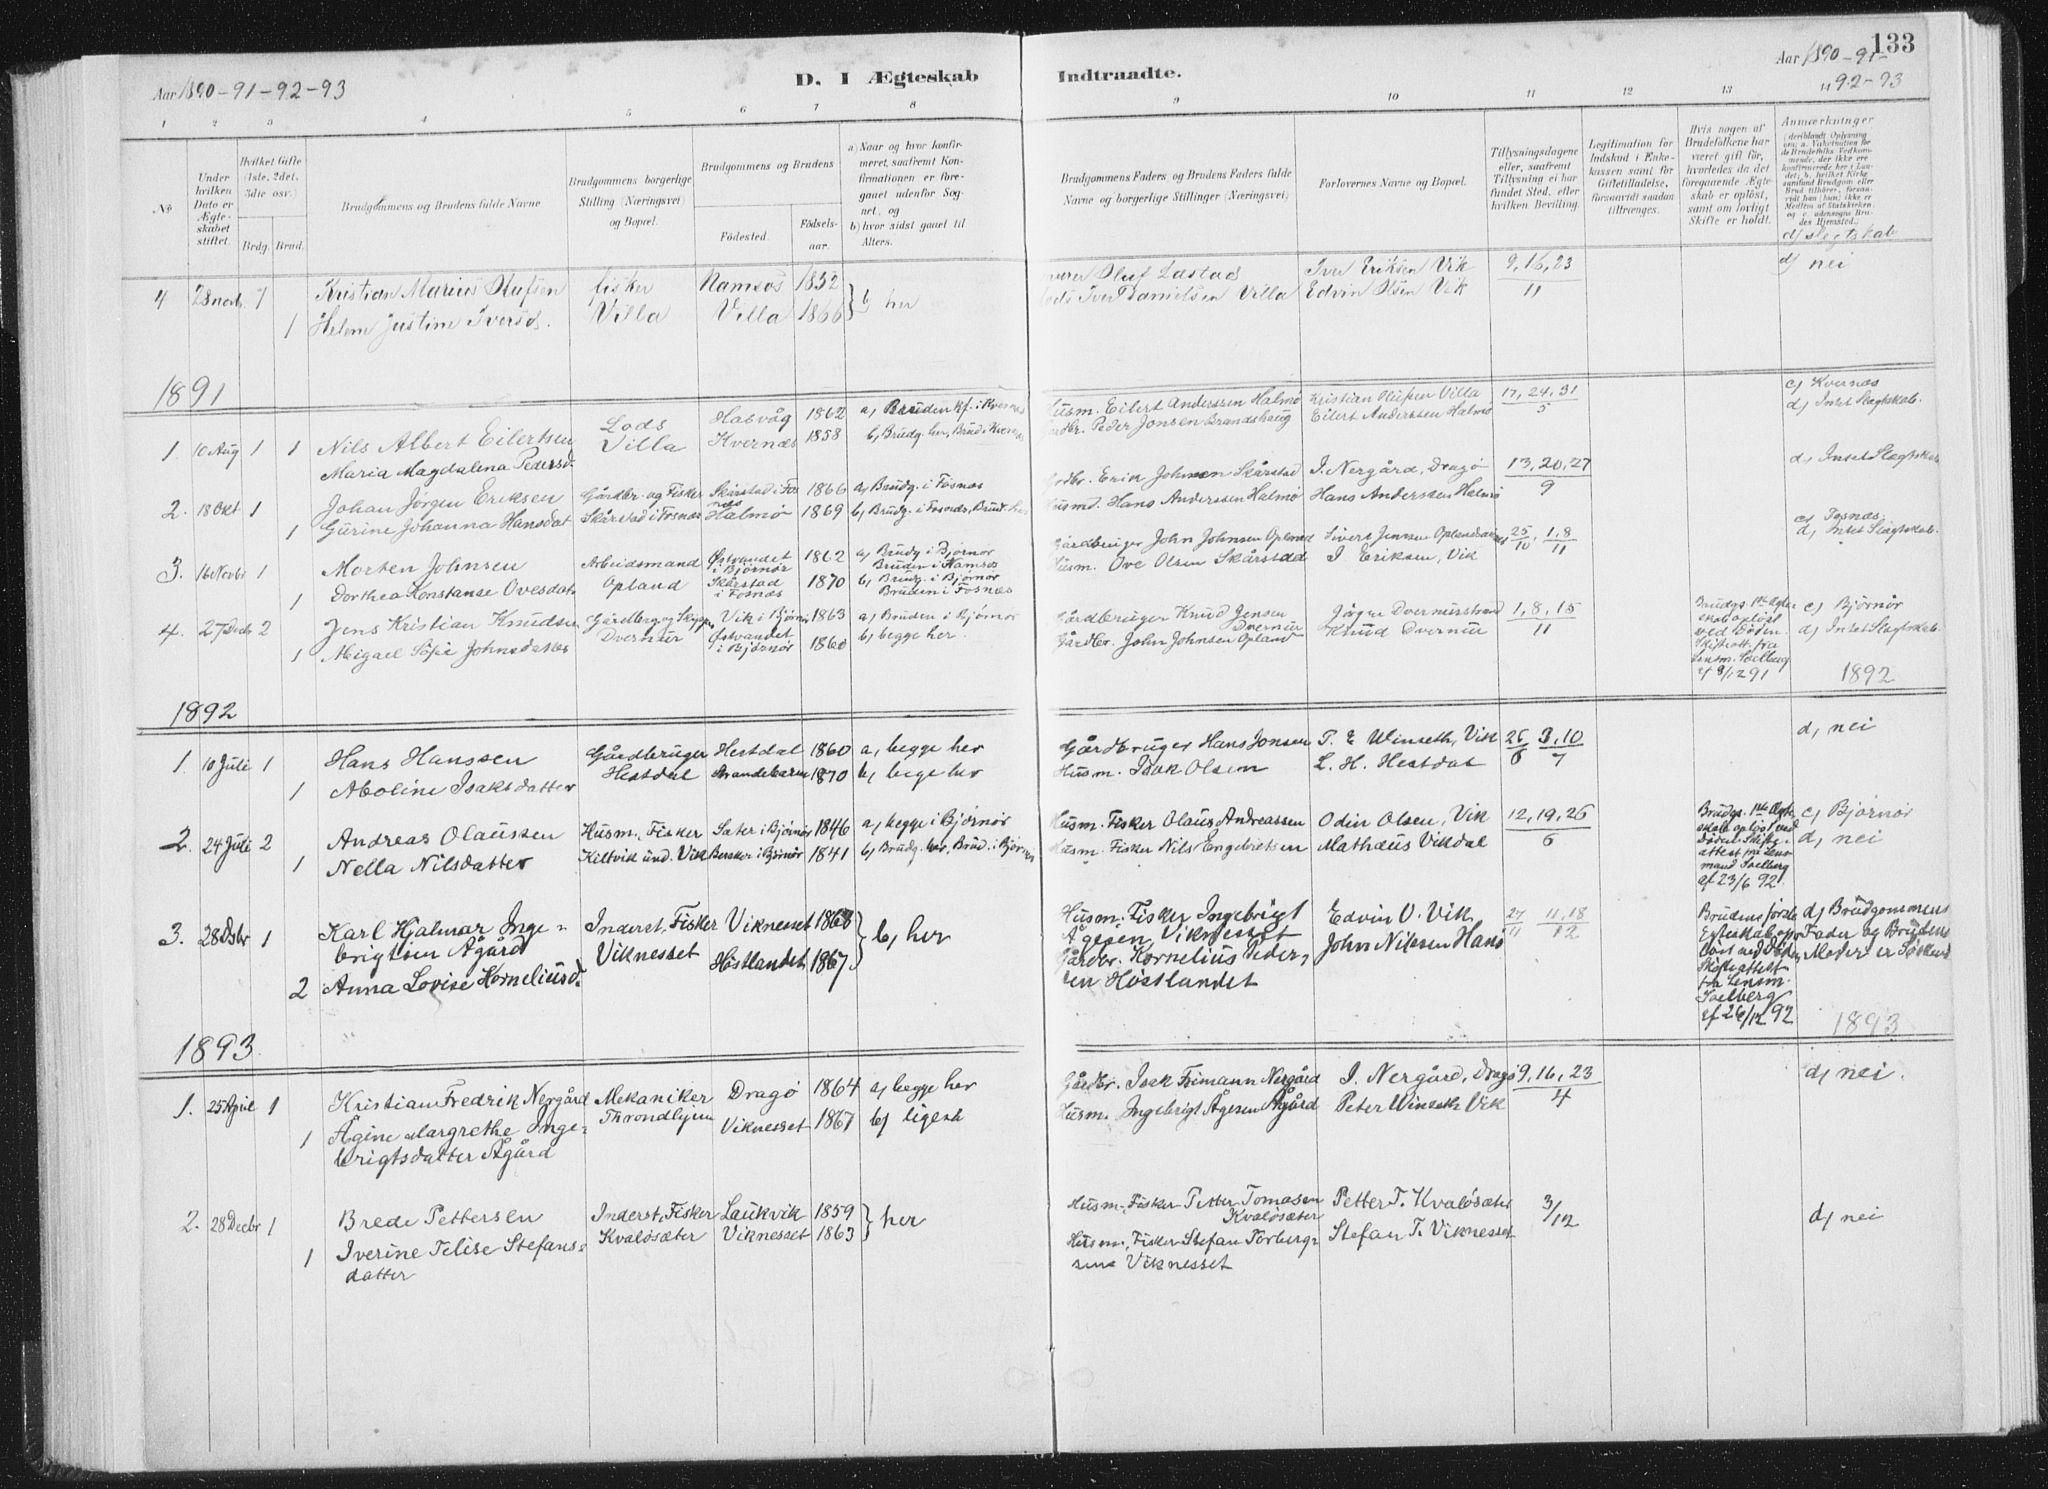 SAT, Ministerialprotokoller, klokkerbøker og fødselsregistre - Nord-Trøndelag, 771/L0597: Ministerialbok nr. 771A04, 1885-1910, s. 133